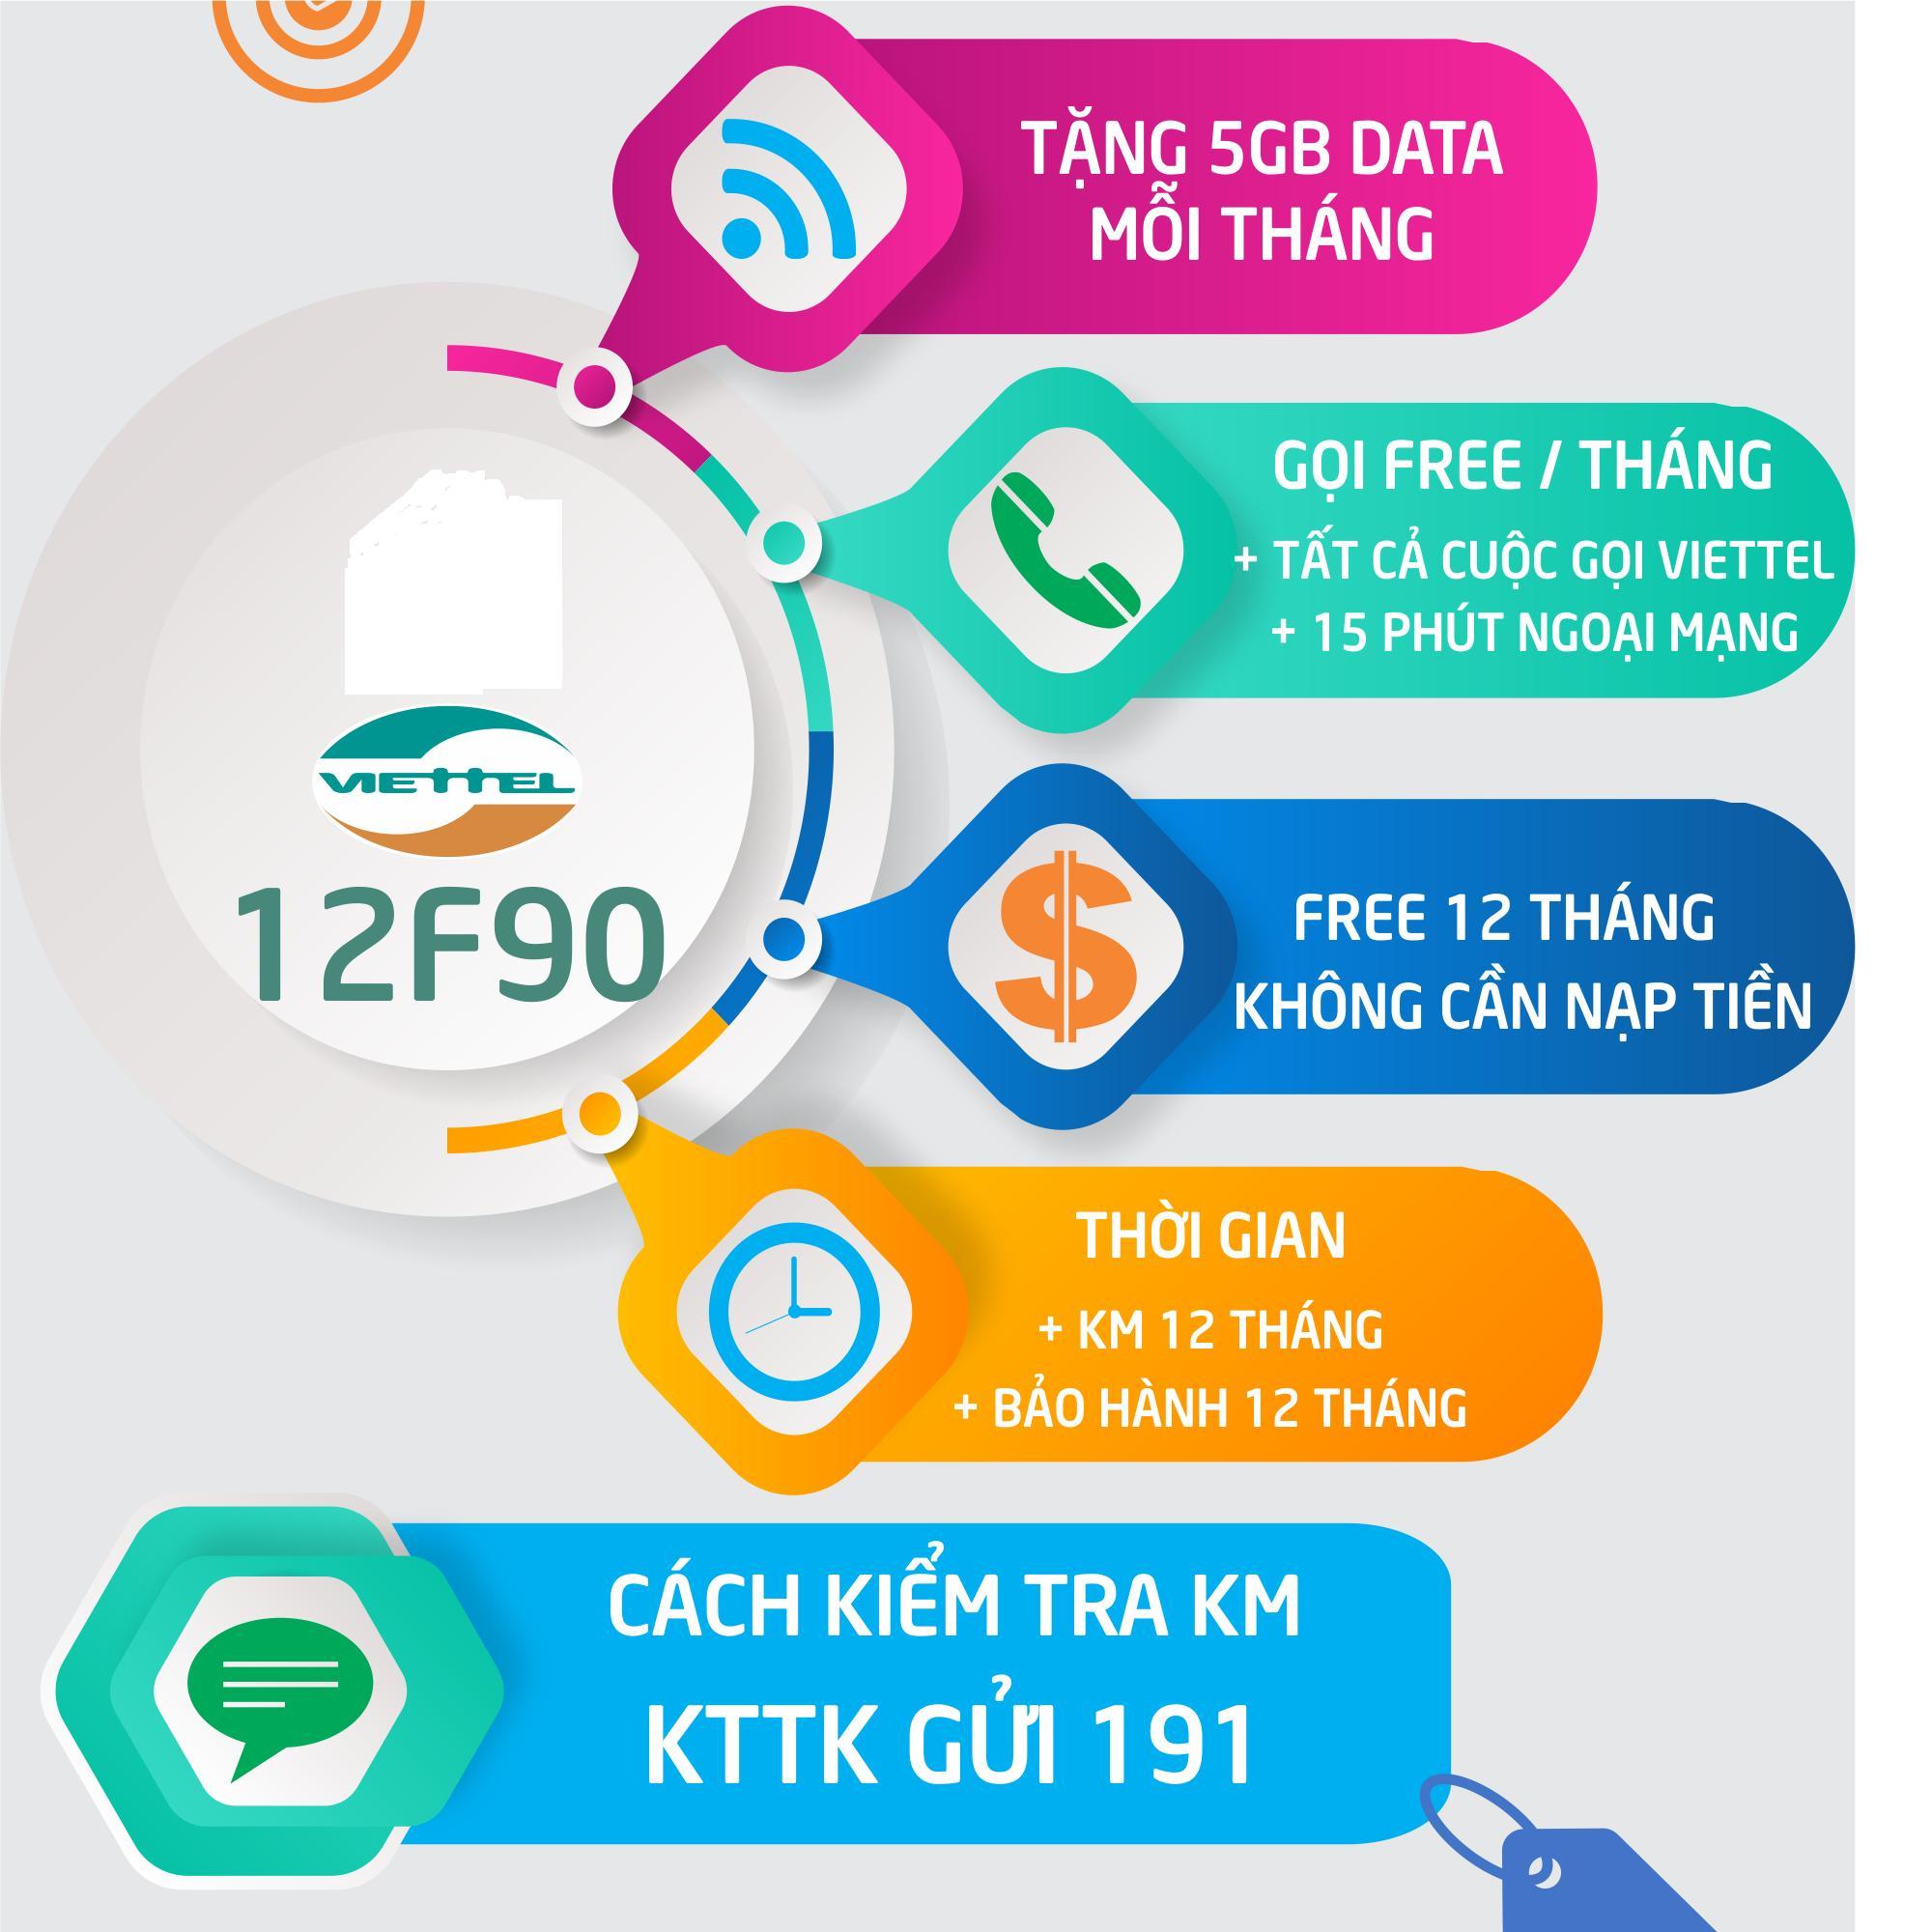 SIM Nghe Gọi Viettel Trọn Gói 1 Năm, 12F90, Miễn Phí Nghe Gọi Không Giới Hạn, 5Gb Data. Cùng Giá Khuyến Mãi Hot